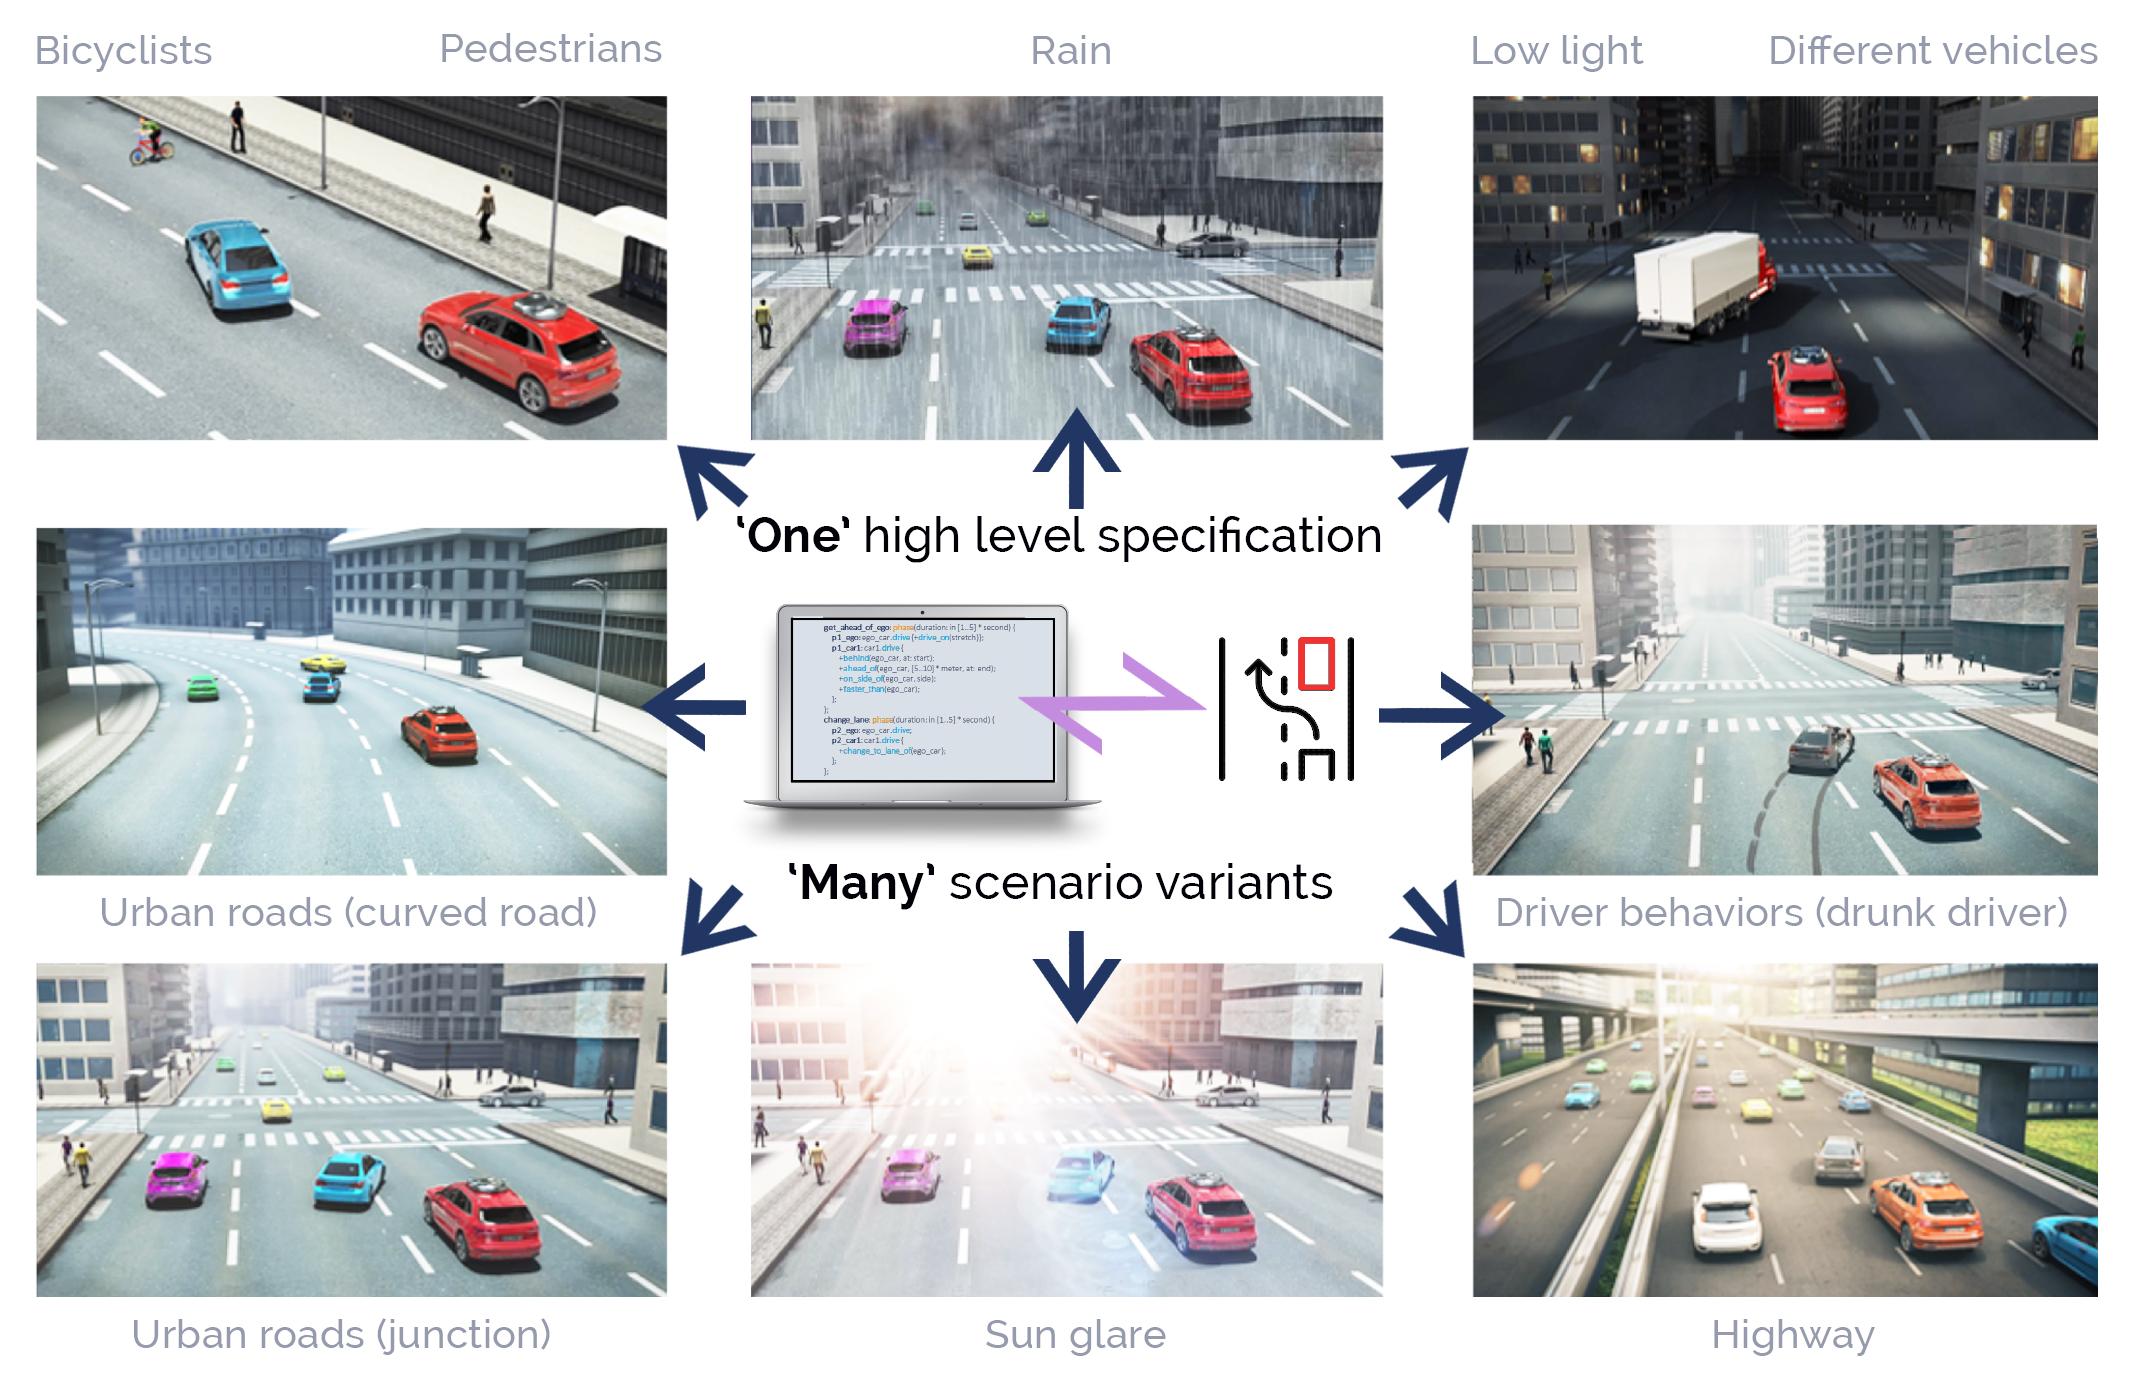 הדגמת השפה של פורטליקס לקשר בין מכונית לסביבתה. צילום יחצ